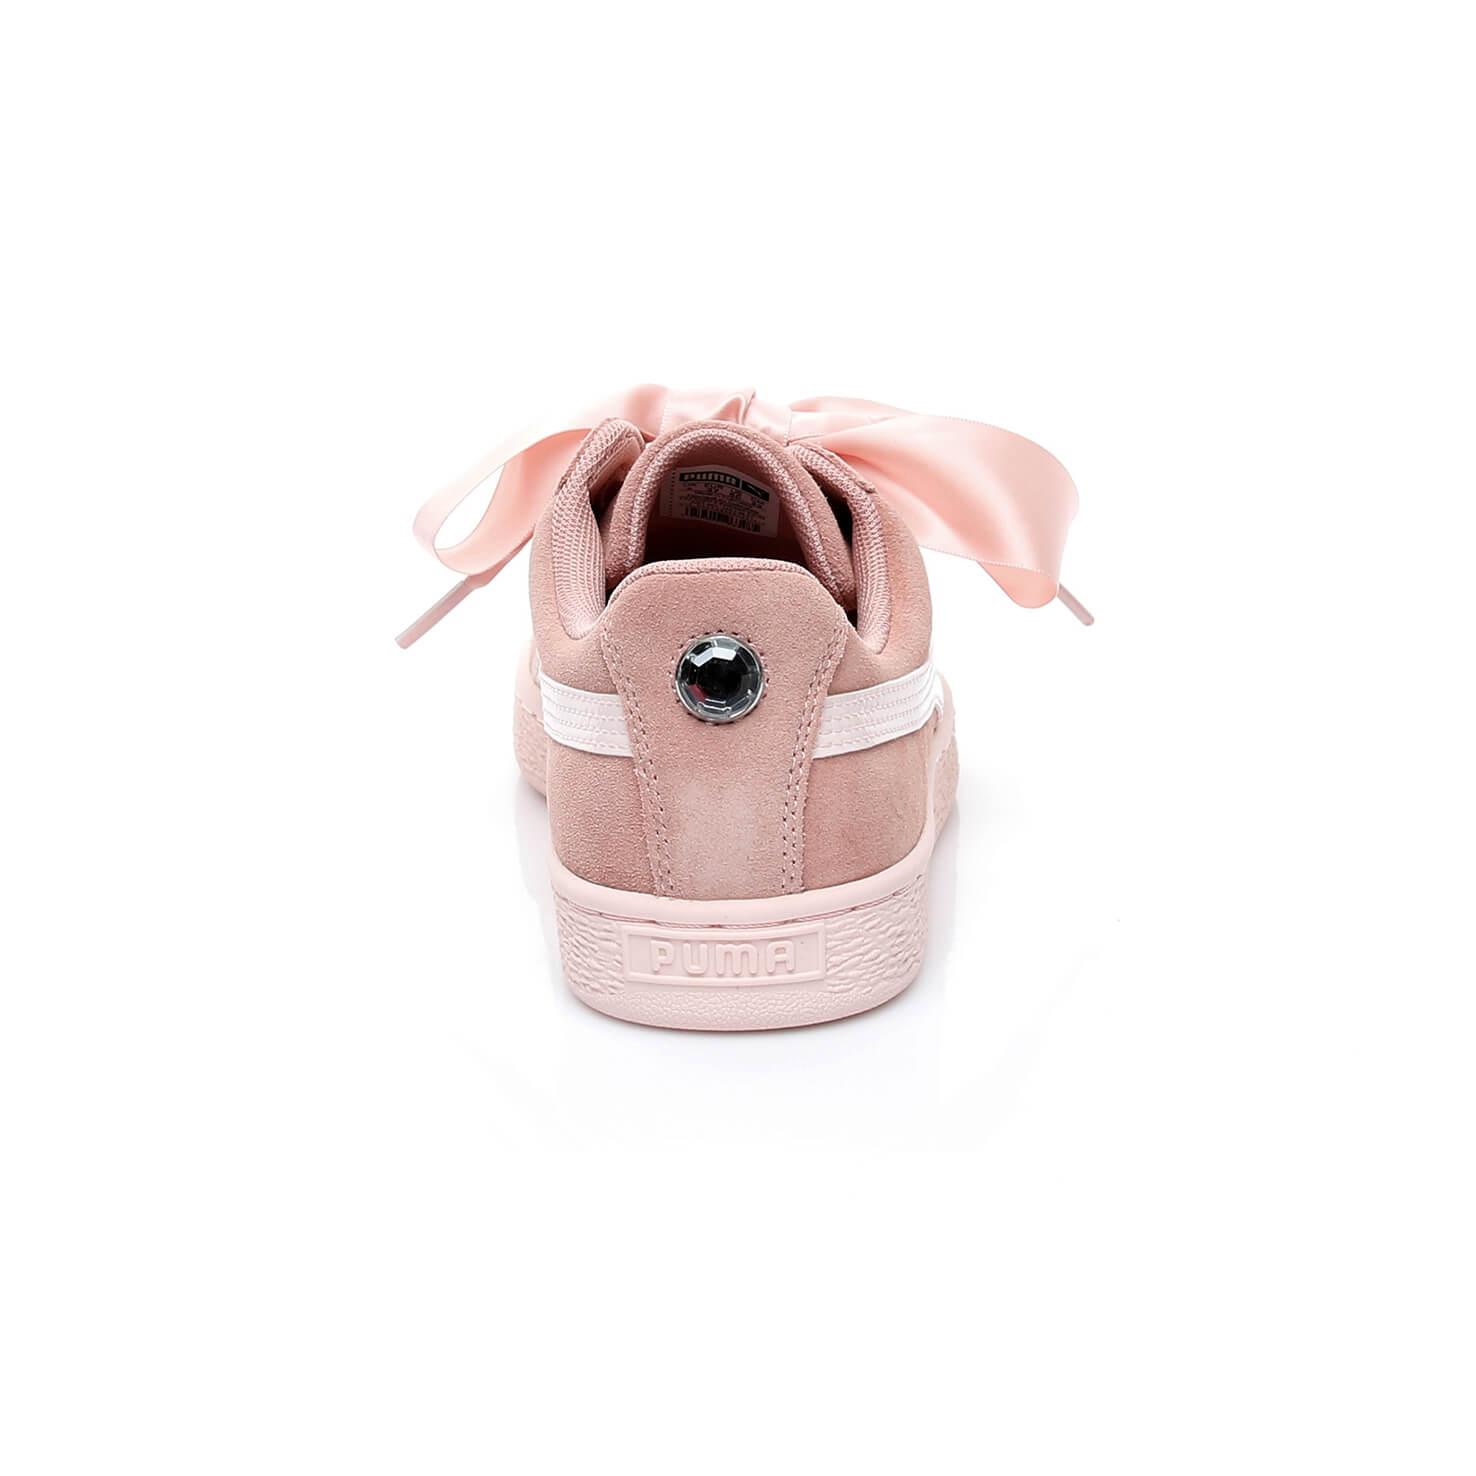 Puma Suede Heart Jewel Kadın Pembe Spor Ayakkabı